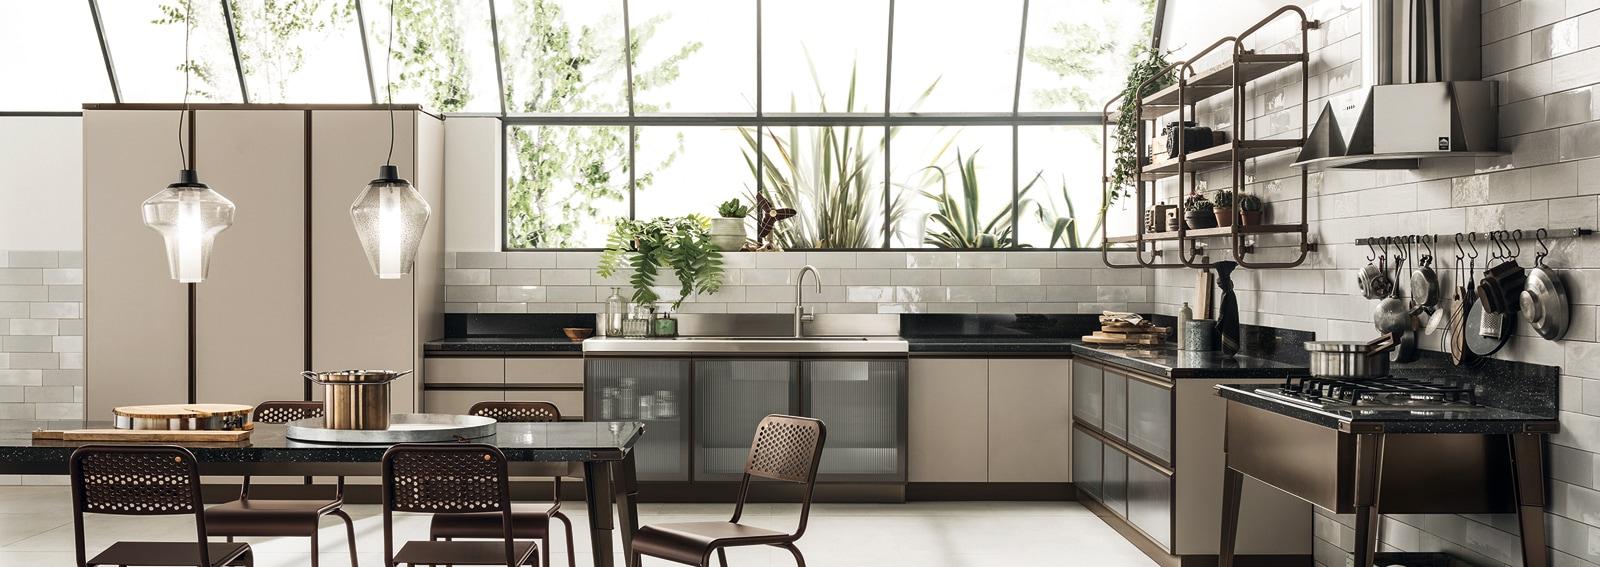 Le cucine pi belle viste al salone del mobile 2018 - Cucine salone del mobile 2017 ...